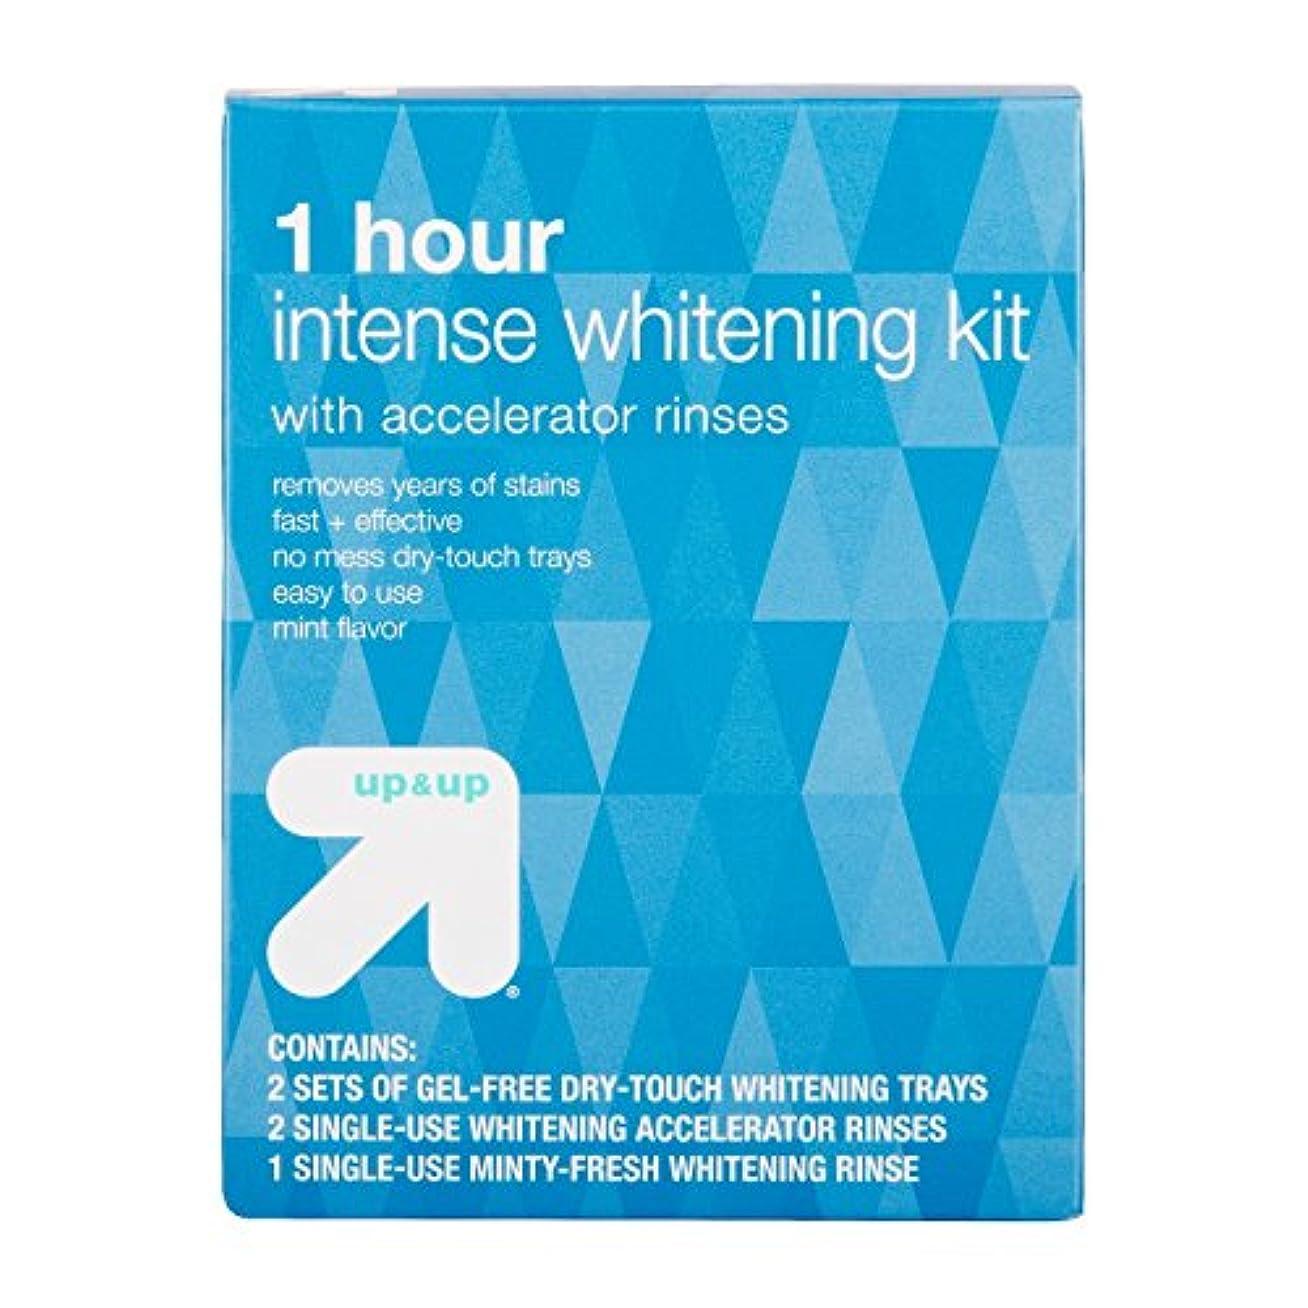 ペチコート画家障害たった1時間で効果がわかる アップ&アップ ホワイトニングキット 1-Hour Intense Teeth Whitening Kit - up & up